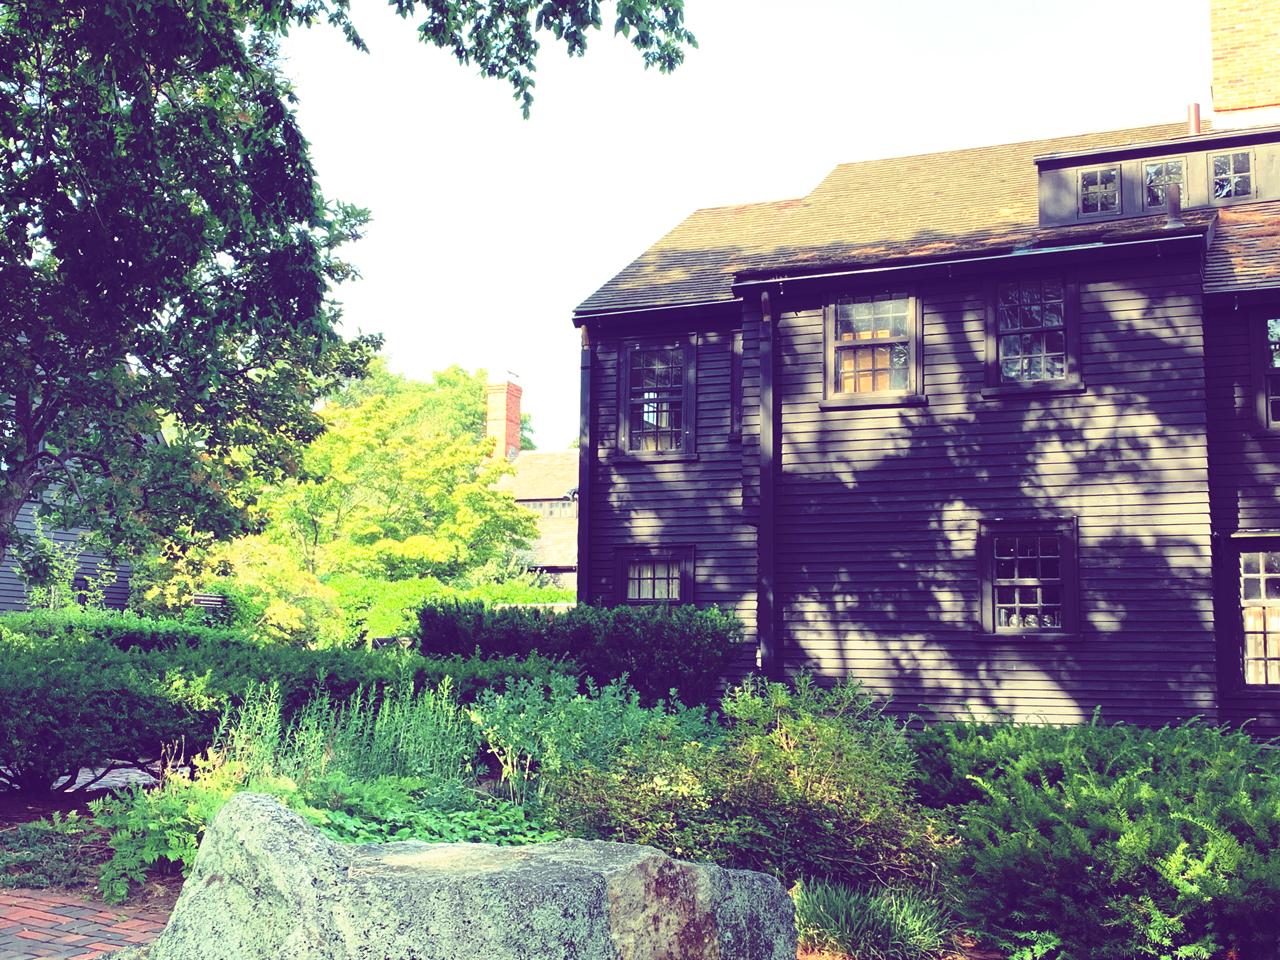 house-of-the-seven-gables-salem-massachusetts-1280x960-03